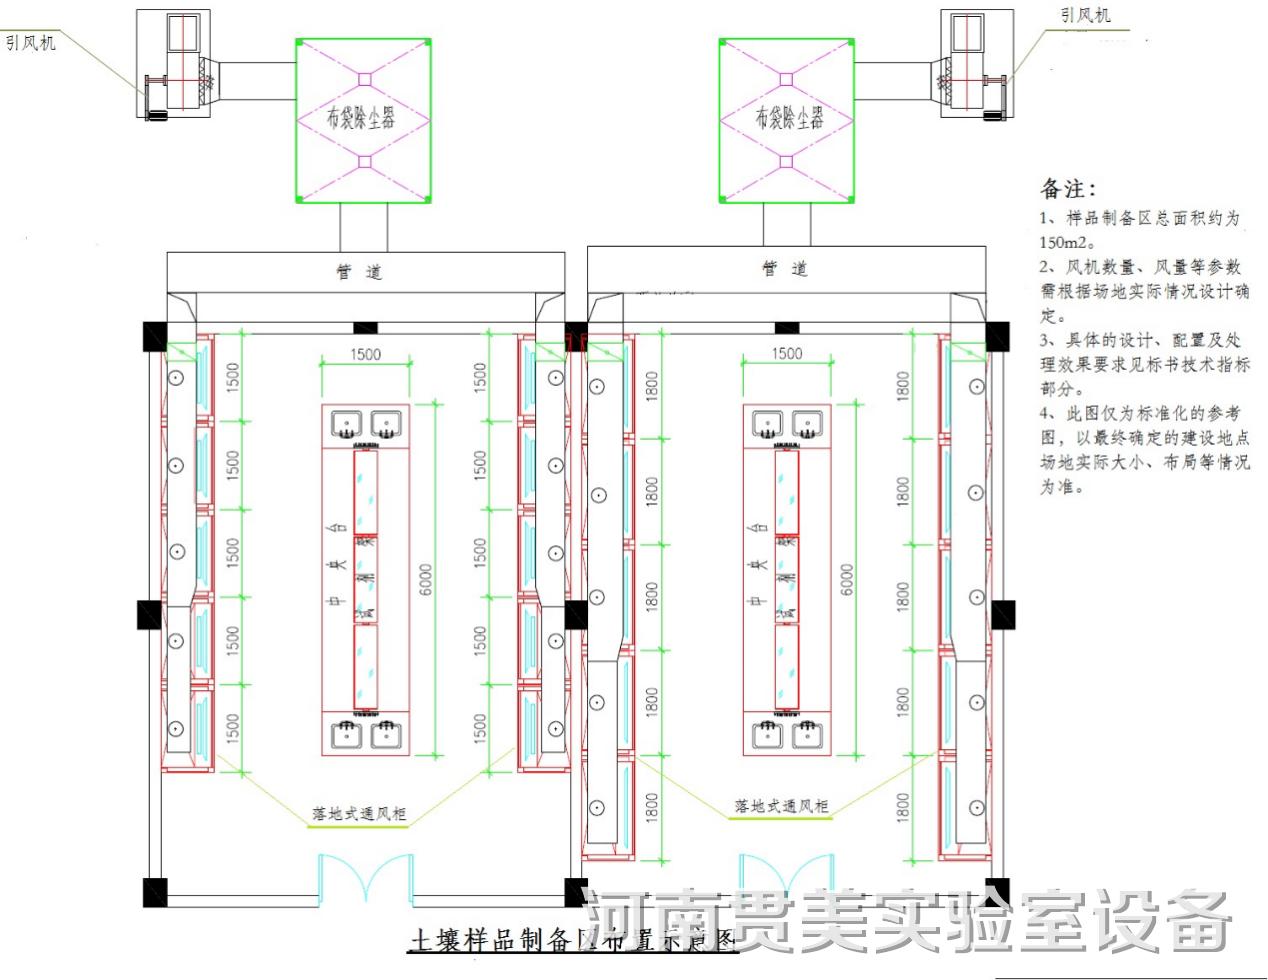 食用菌实验室平面图_土壤制备和流转实验室要求_河南贯美实验室设备公司